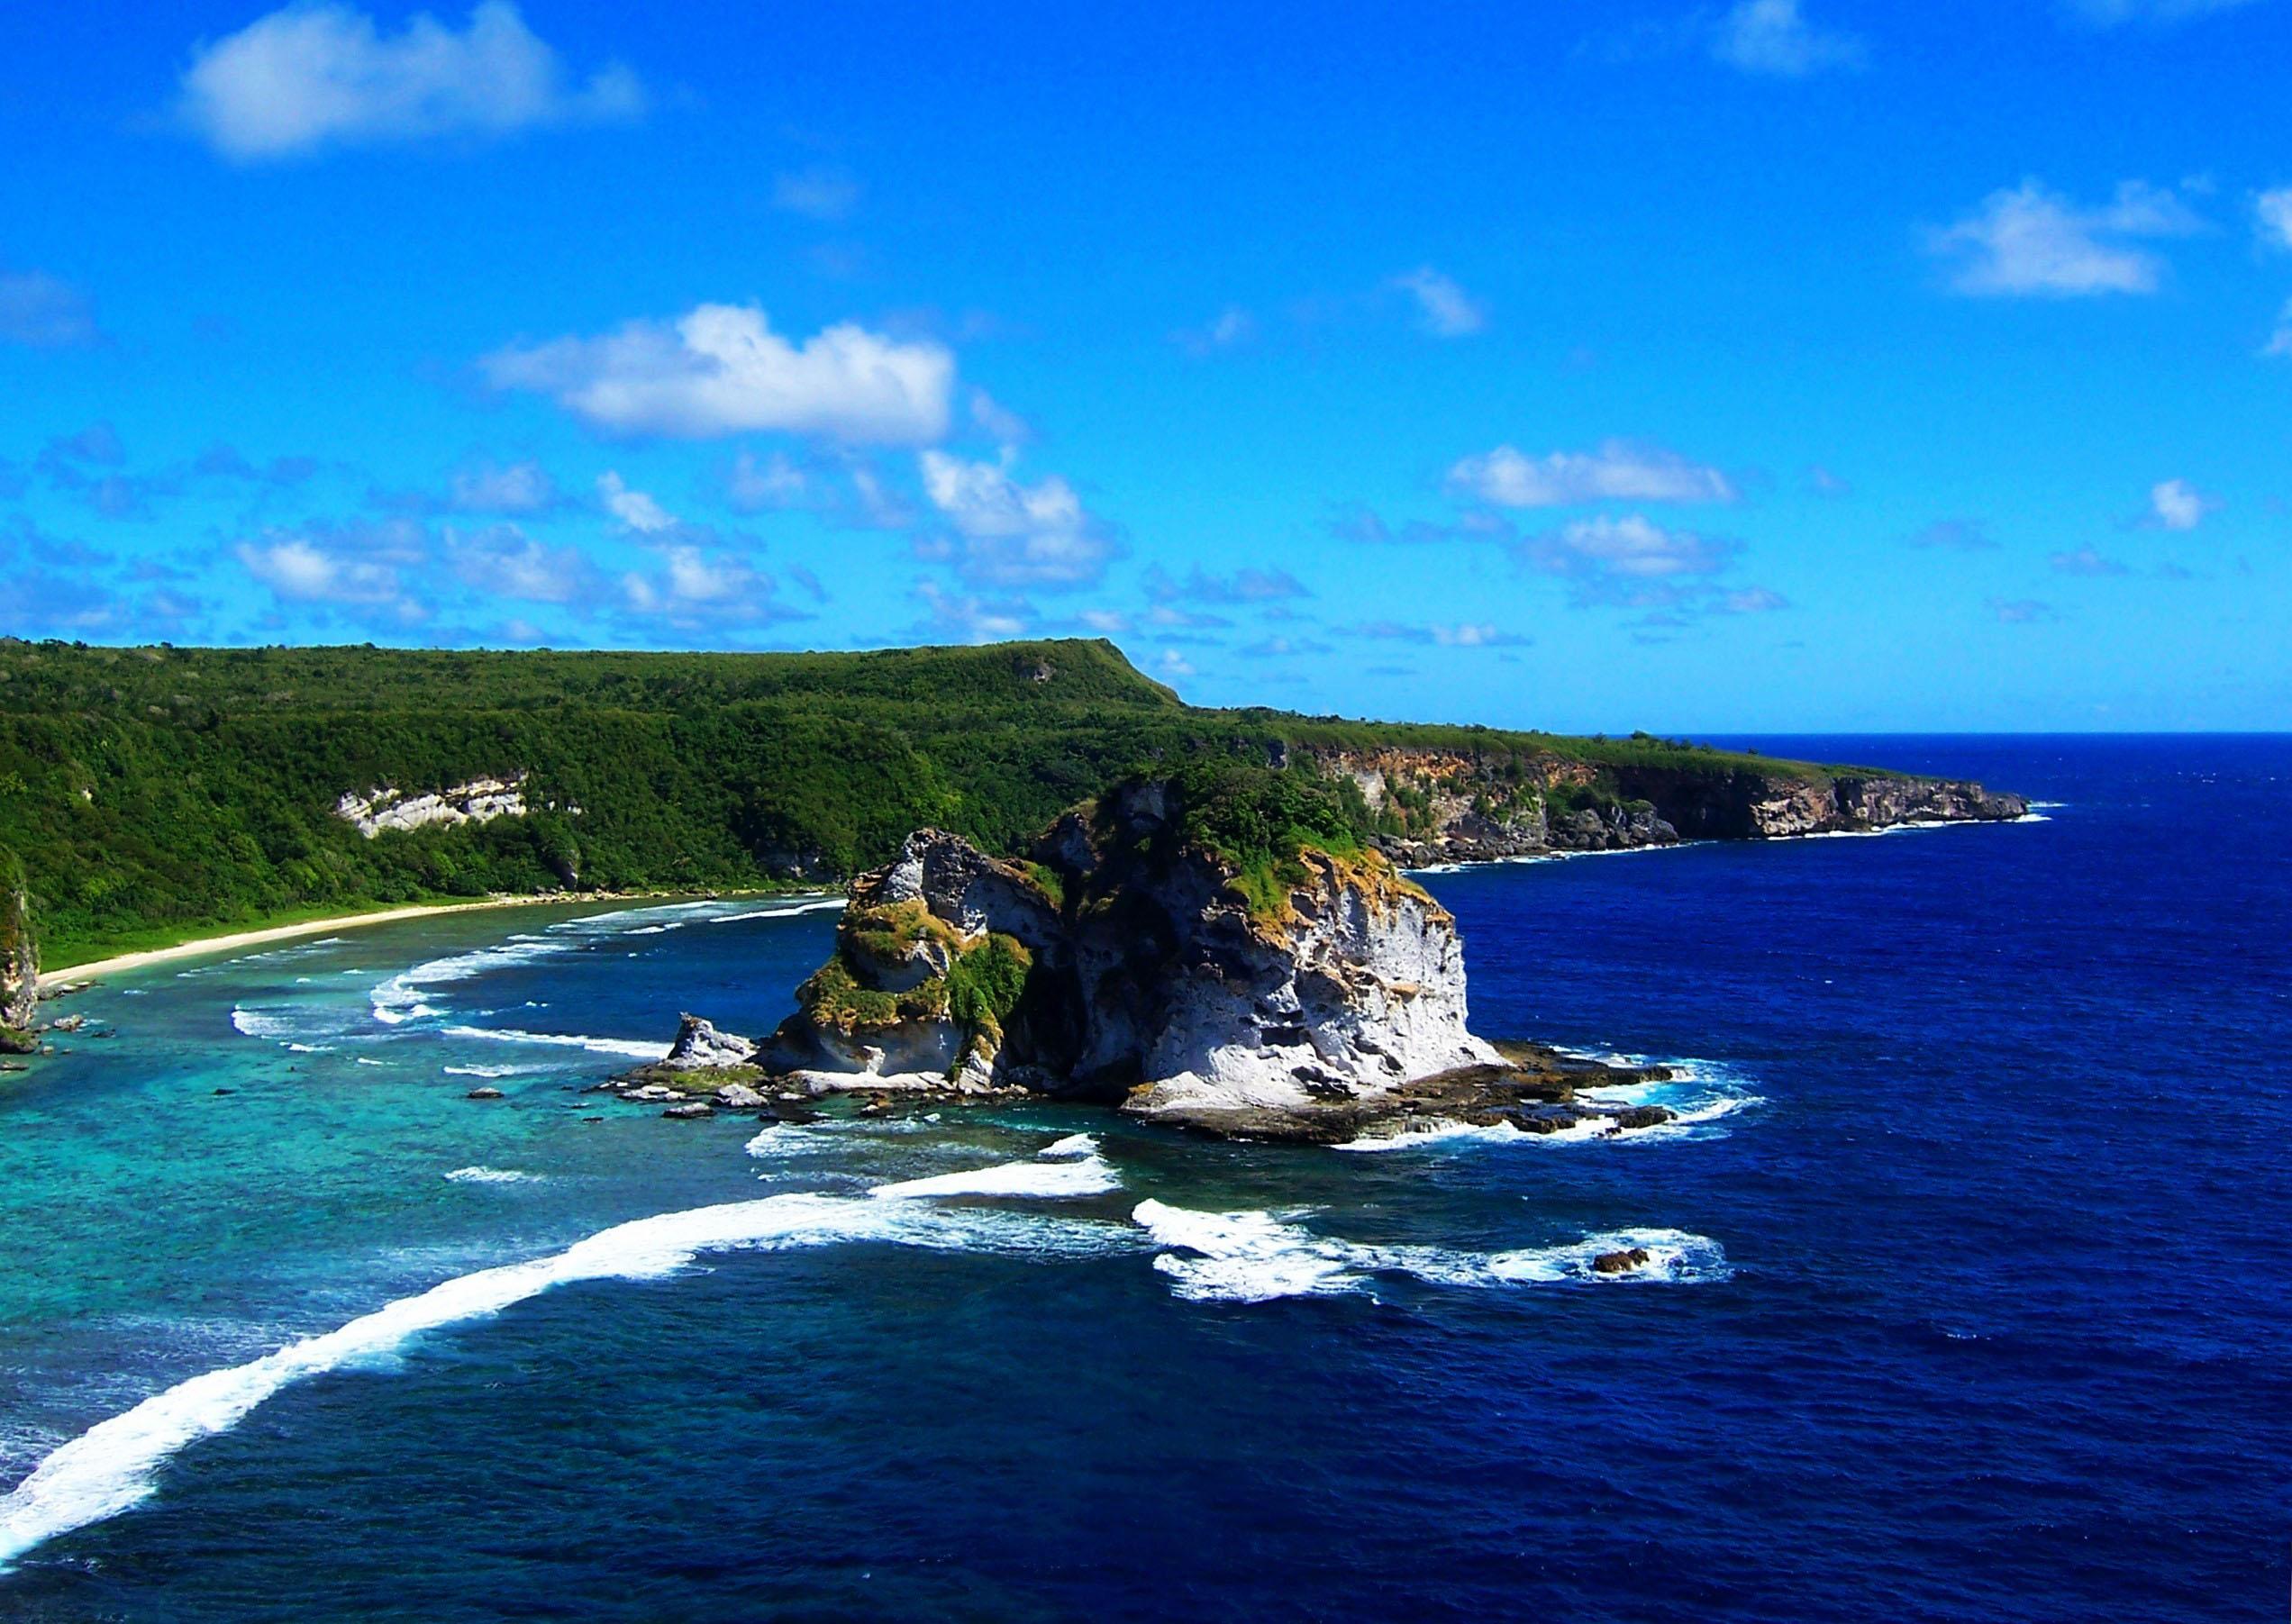 普吉岛旅游游记攻略 普吉岛旅游注意事项